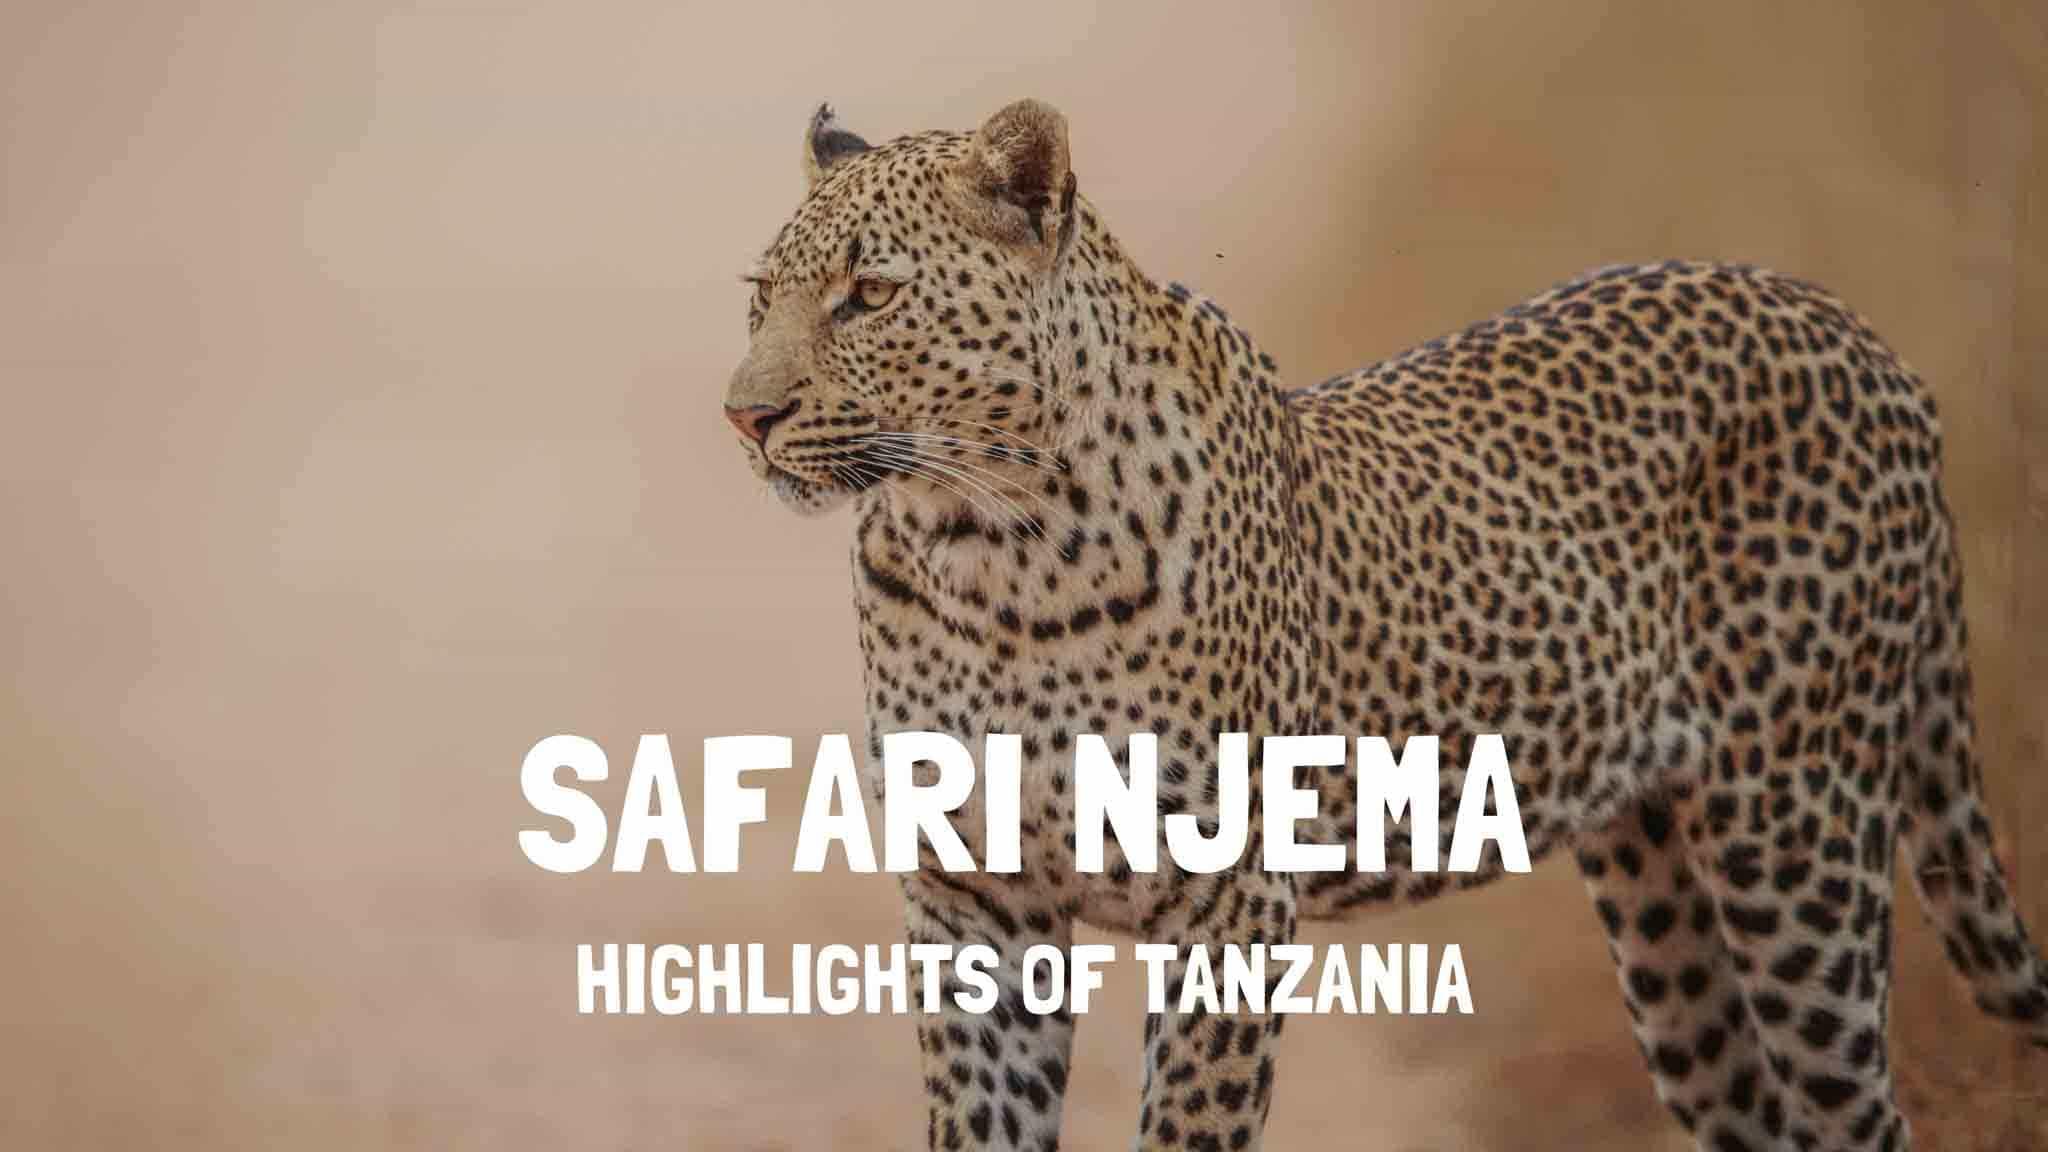 Safari Njema Tanzania - Highlights of Tanzania